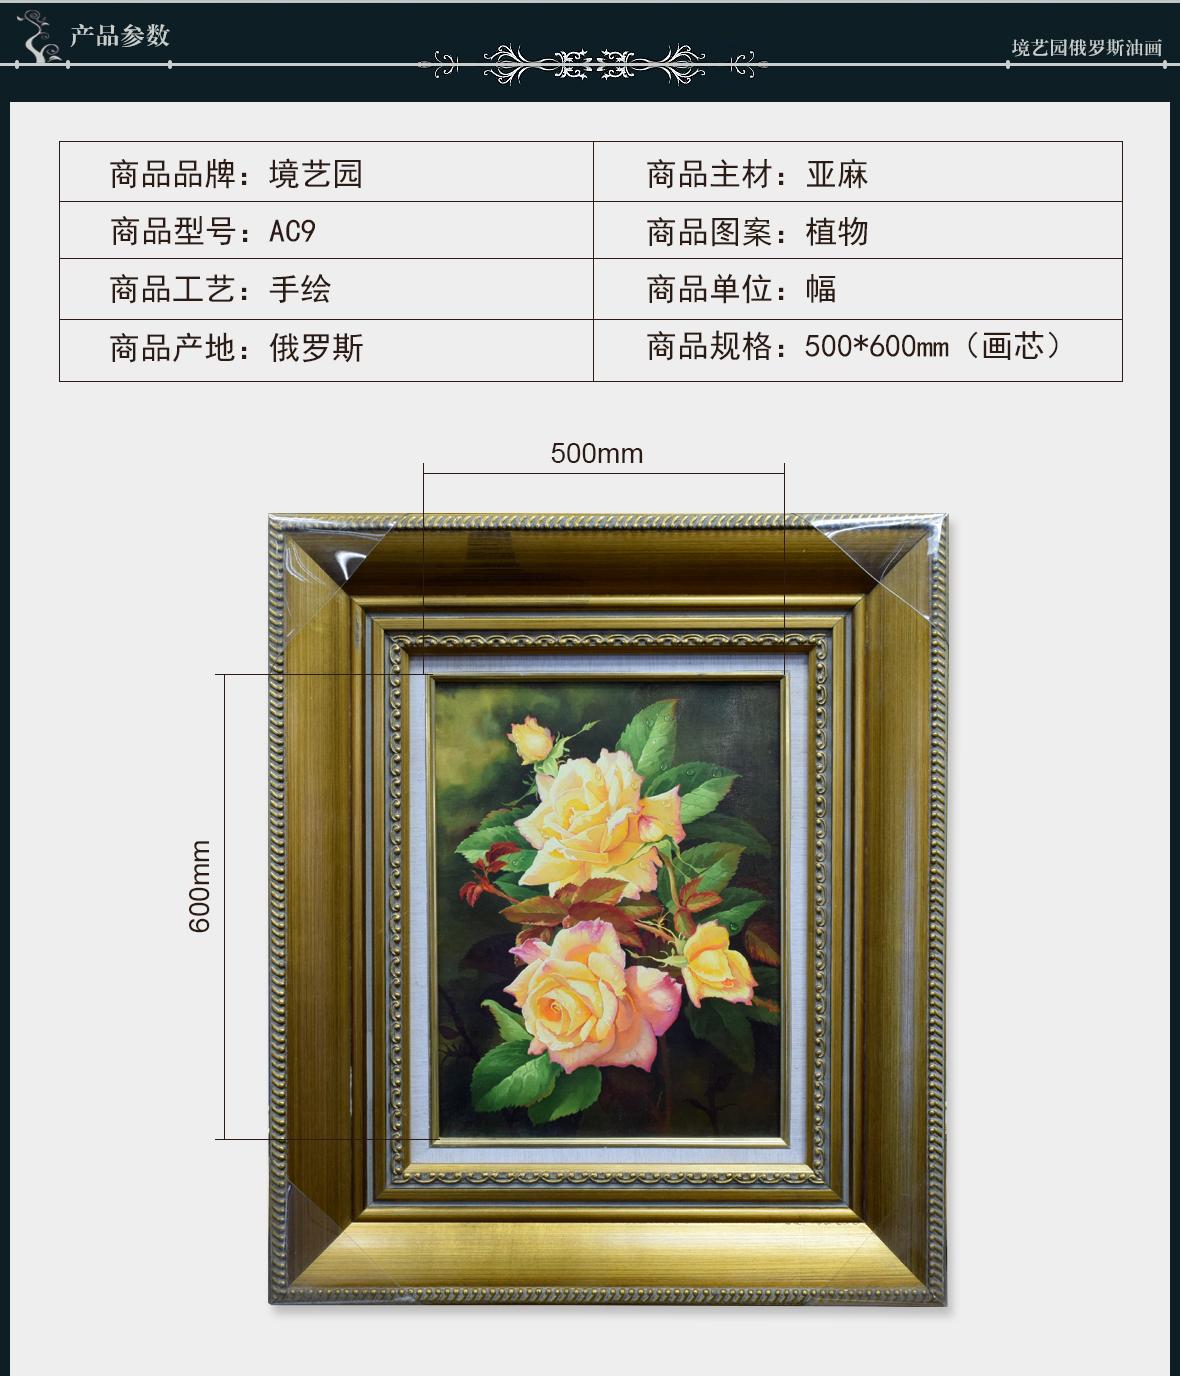 境艺园俄罗斯油画 AC9型号 静物玫瑰 规格展示